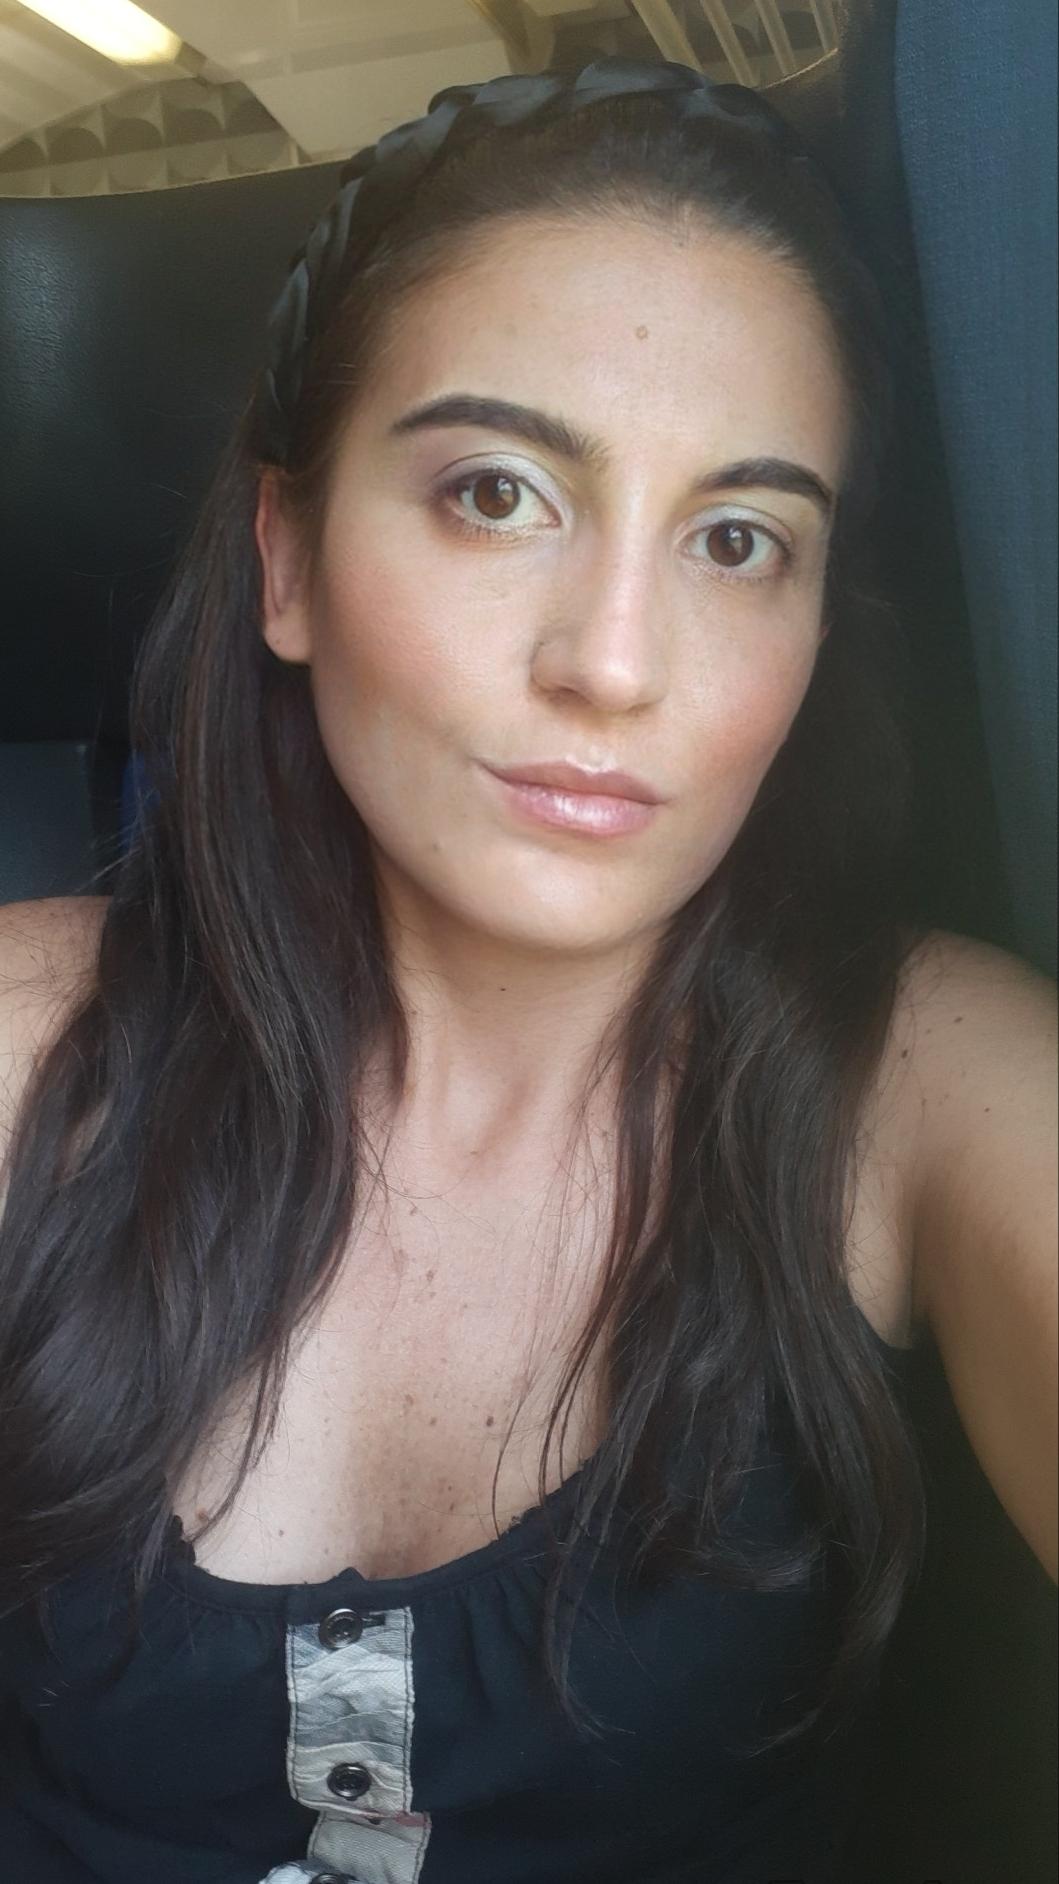 Intervista alla Dottoressa Angela Zoccali. Nutrizionista.